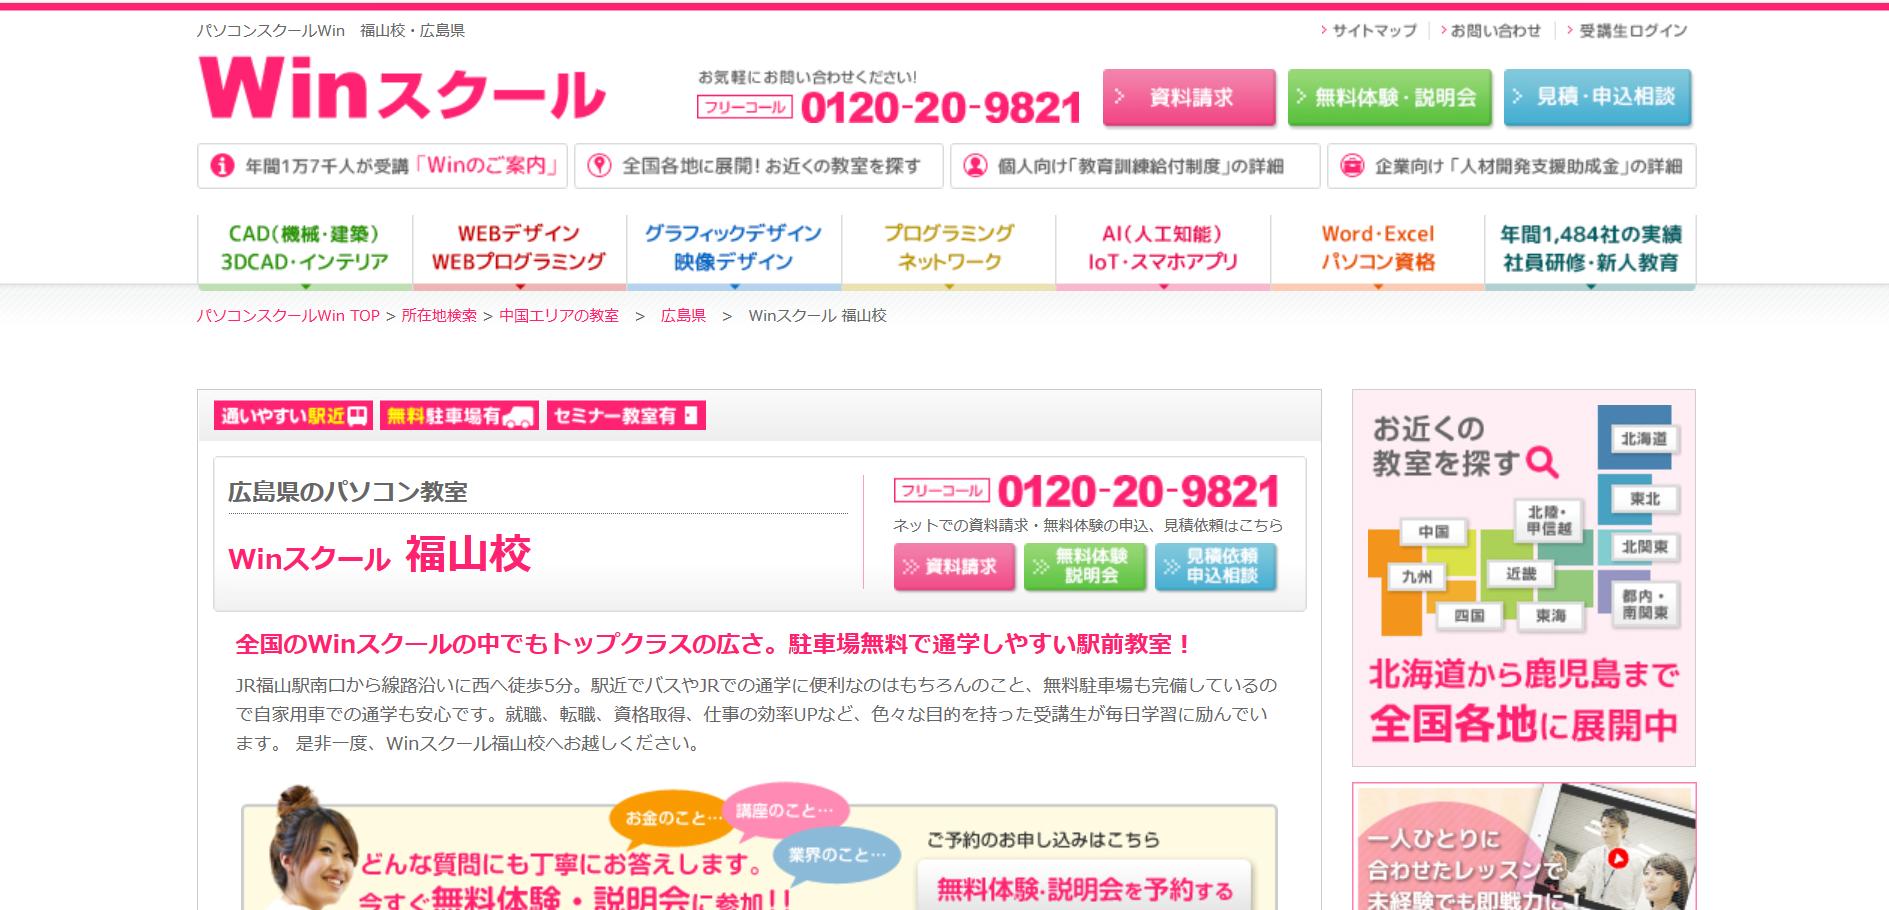 「winスクール 広島」の画像検索結果